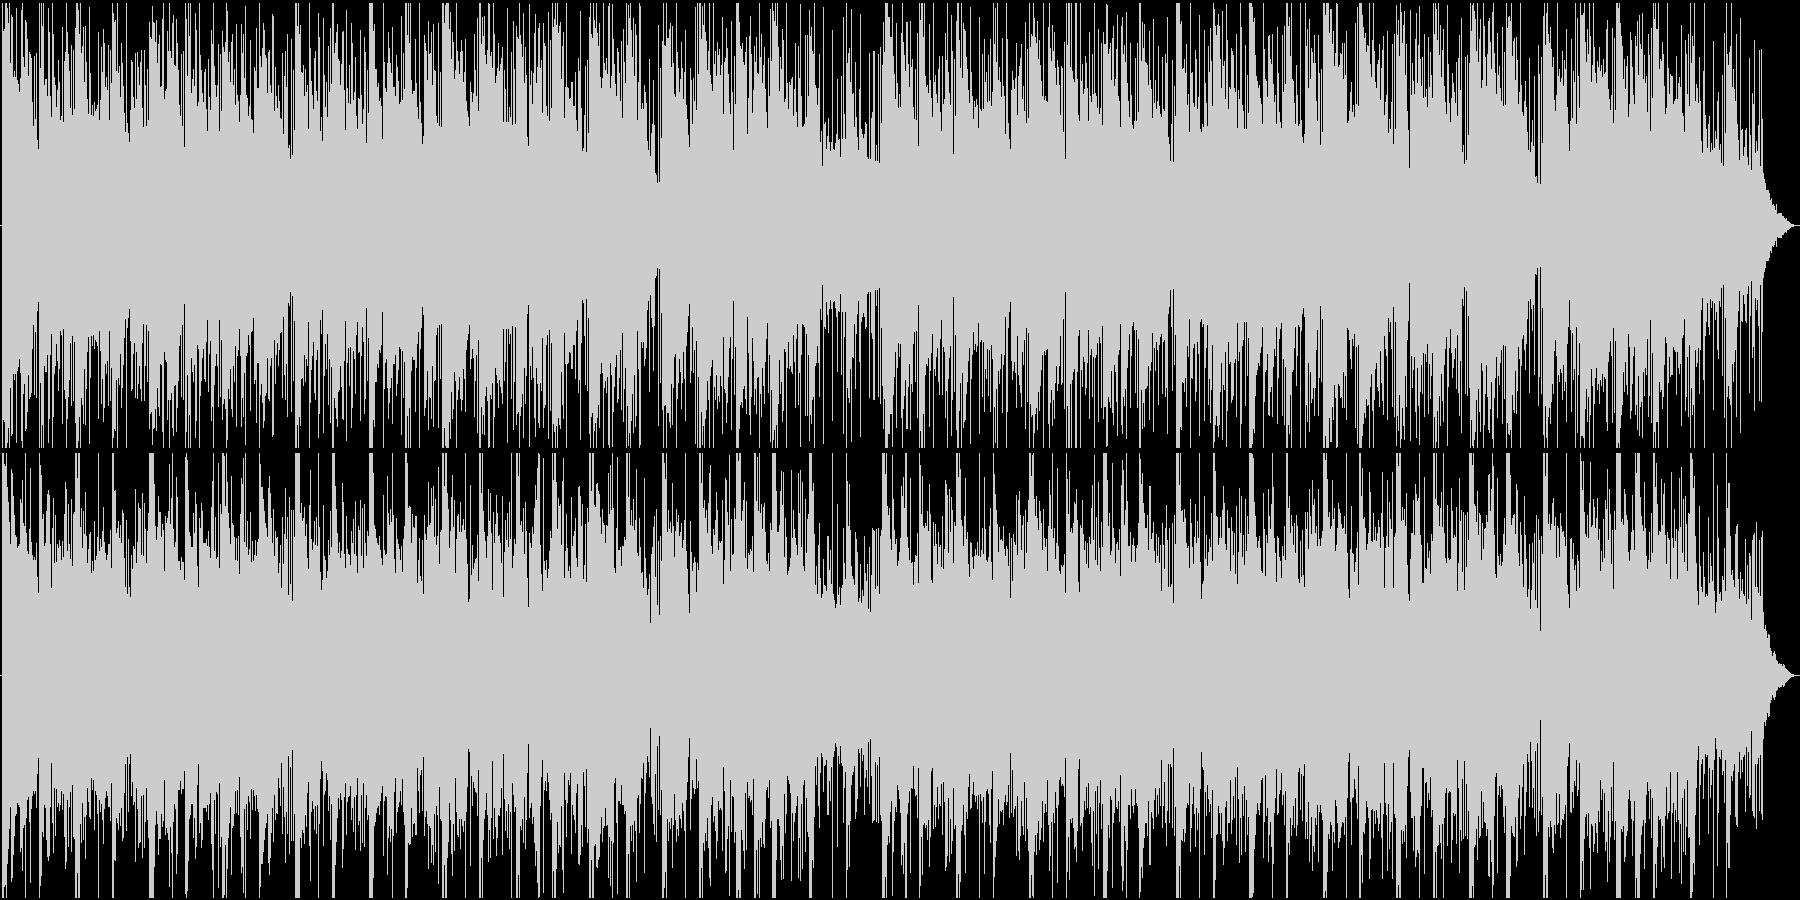 幻想的で壮大な黒田節調の和風オリジナルの未再生の波形